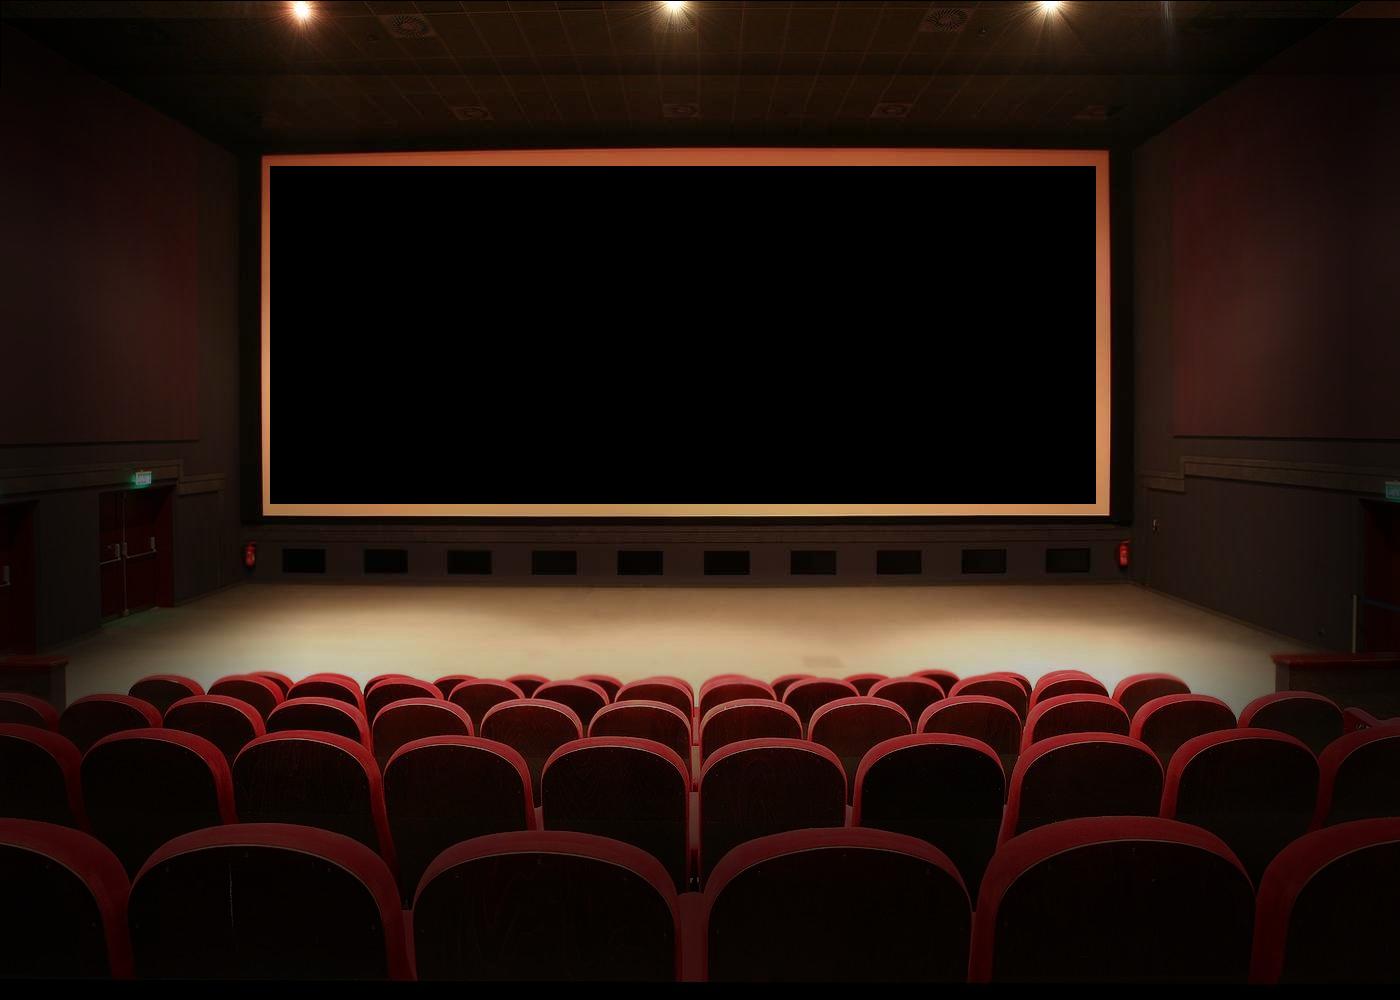 Conoce a los ganadores de entradas dobles a cine hoyts junto a fmdos fmdos - Cines gran casa cartelera ...